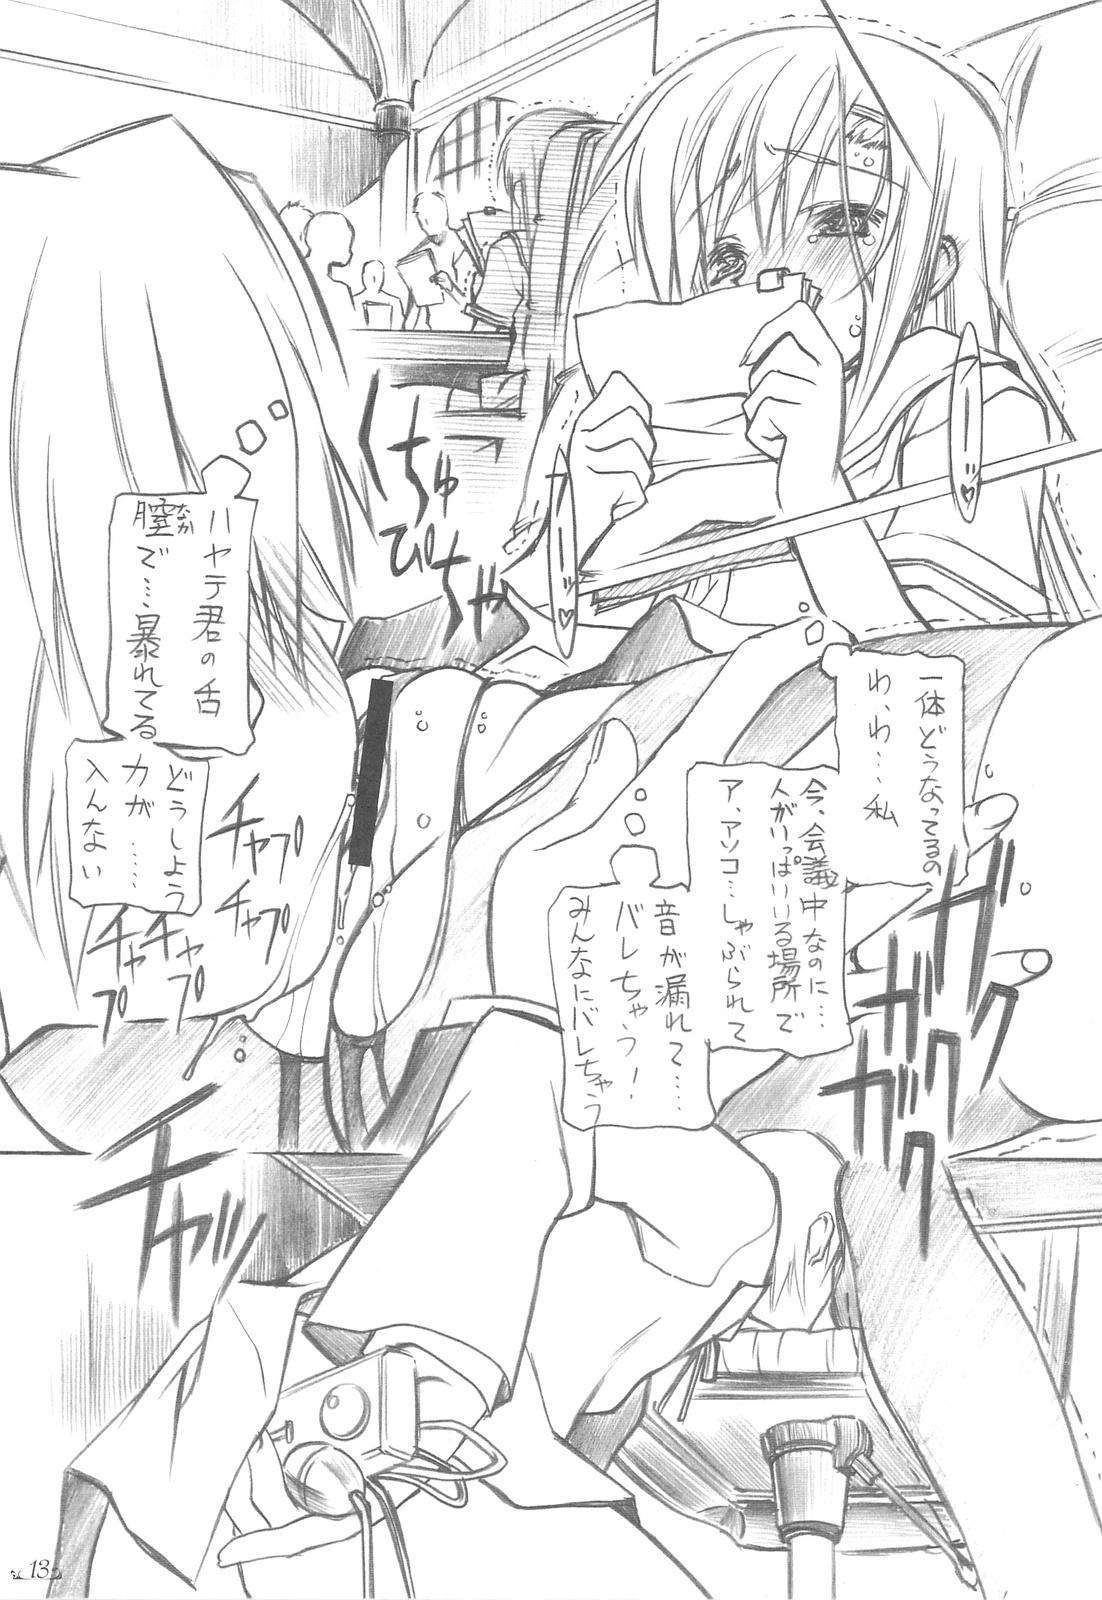 Honogurai Taku no Shita Kara 11